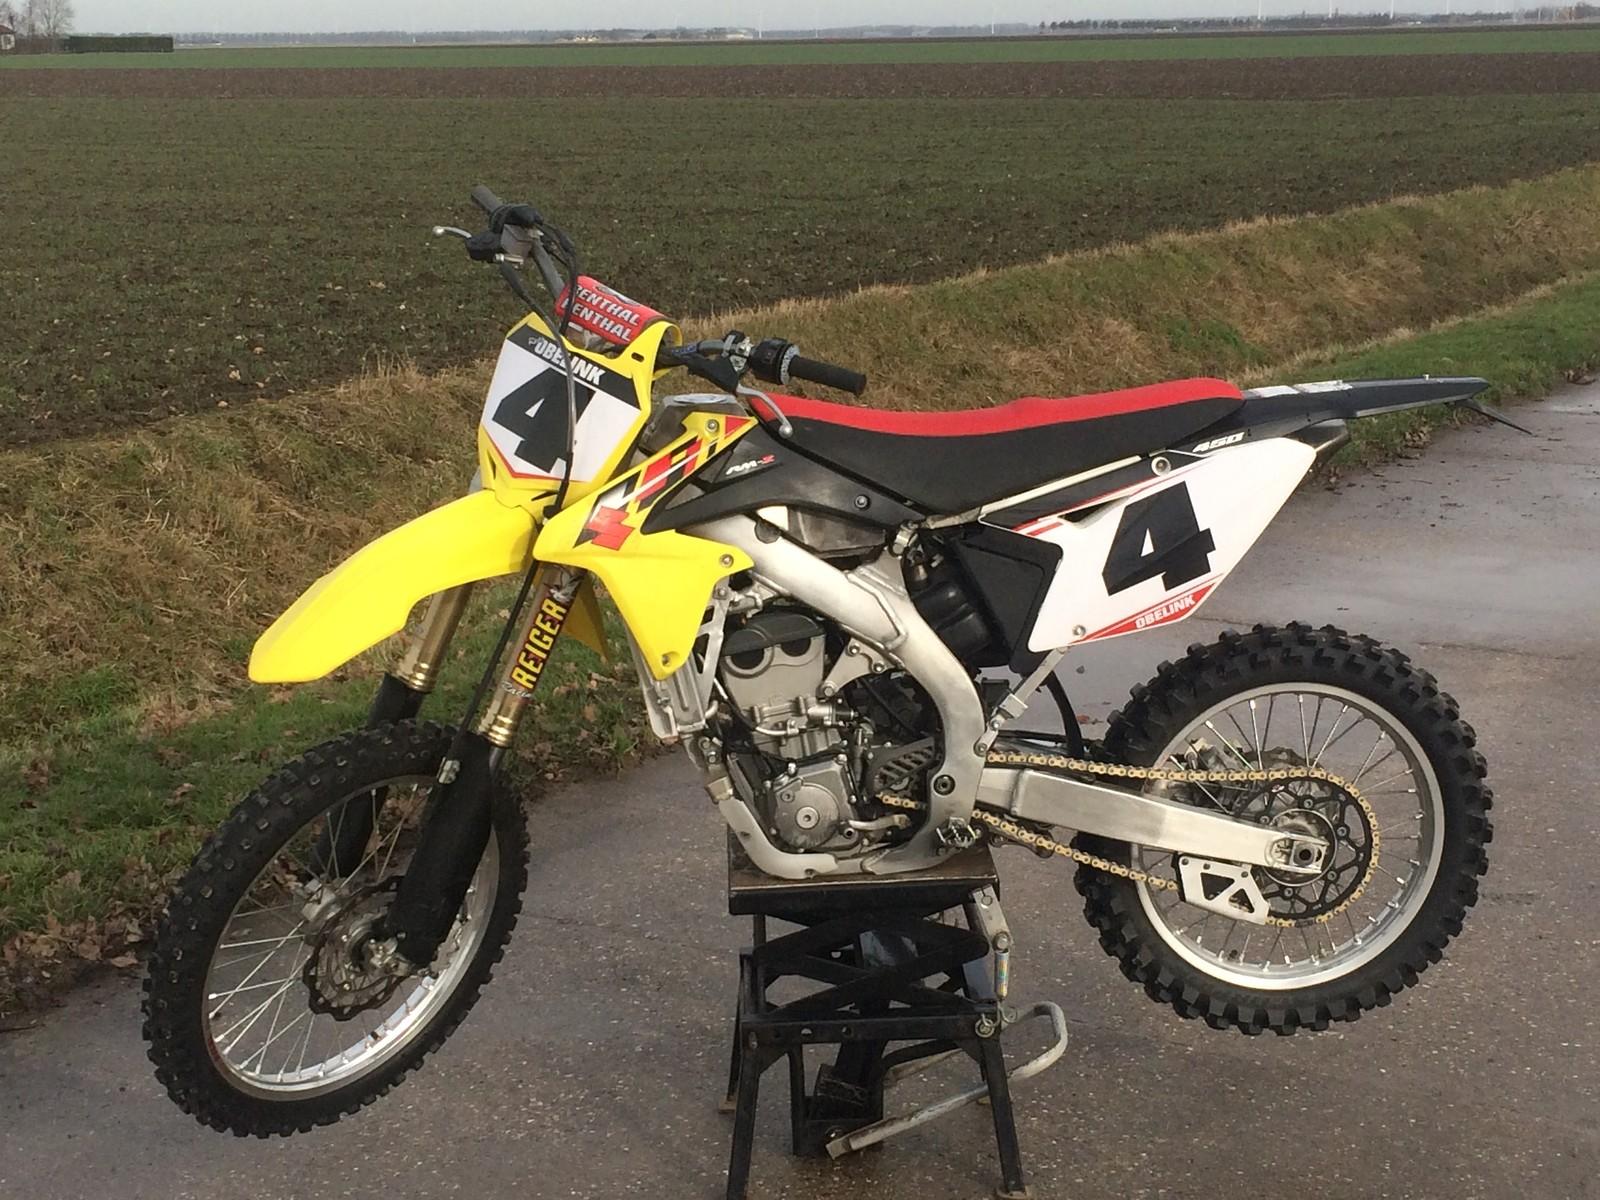 RMZ 450 XL